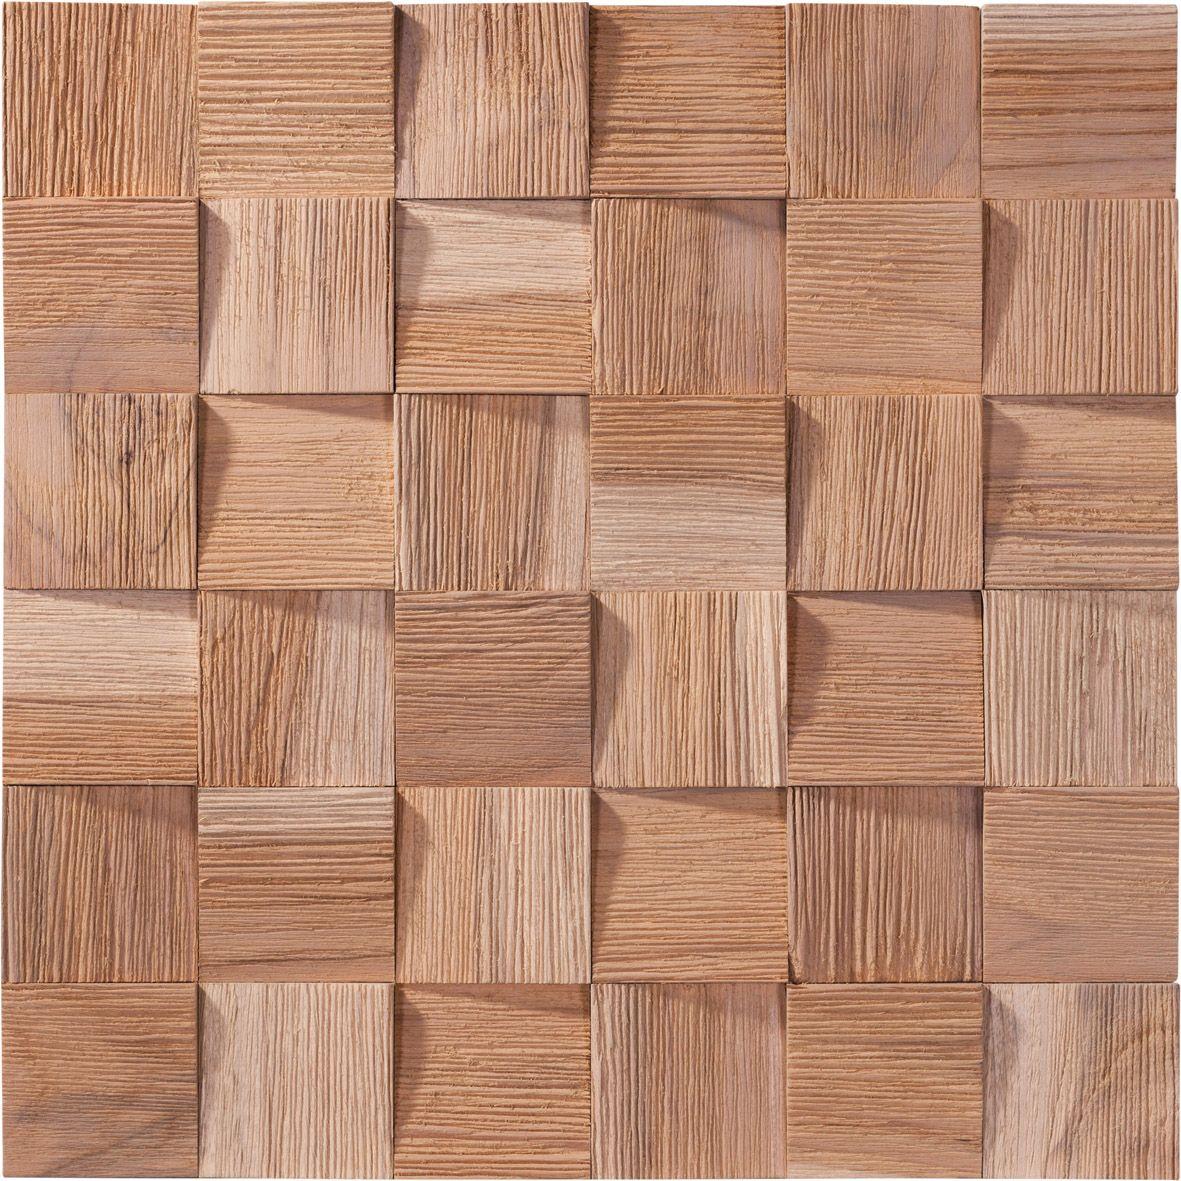 Cer mica portobello revestimento textura e paredes for Ceramica para revestir paredes